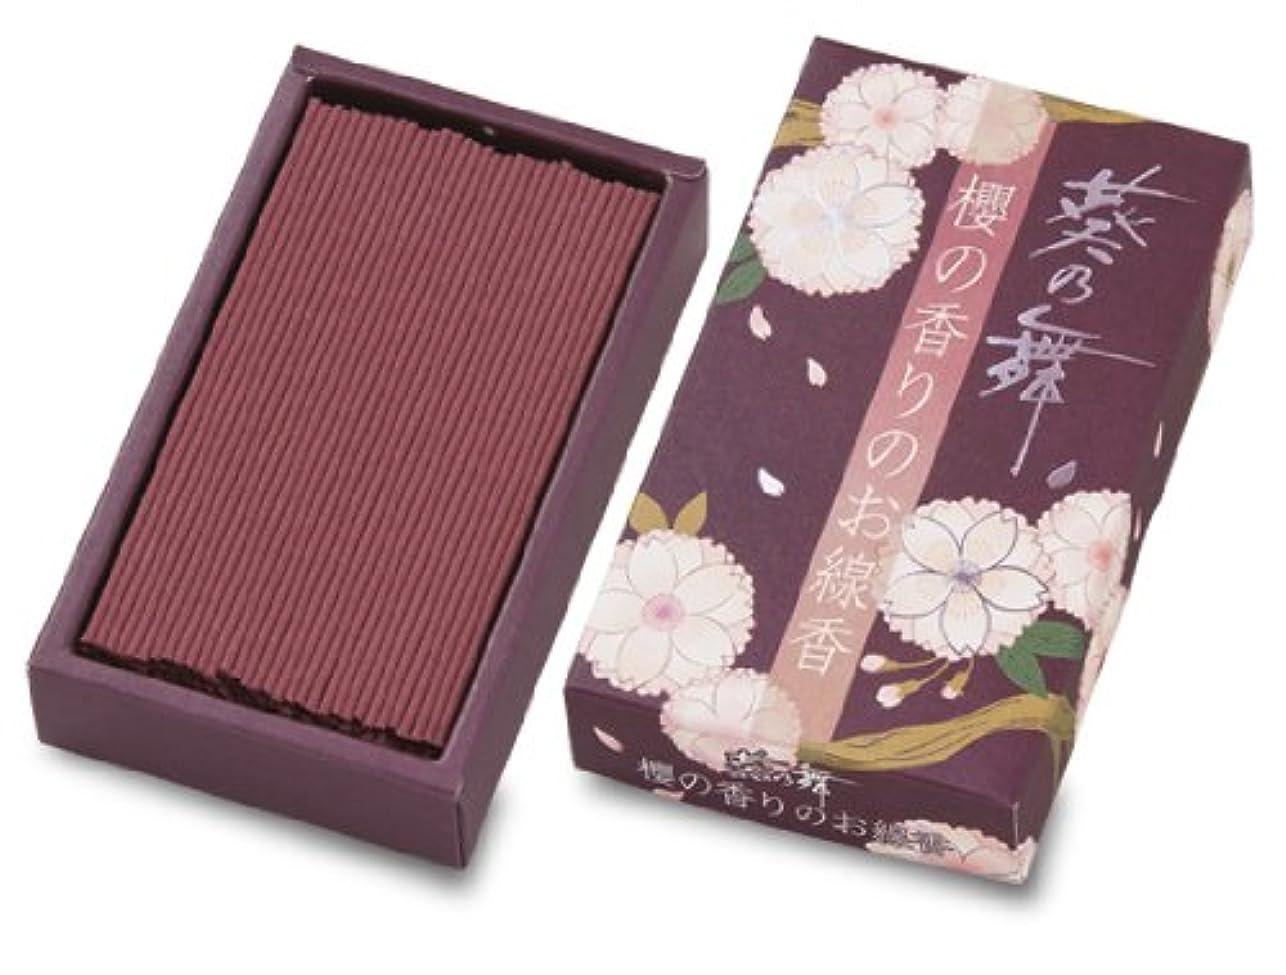 ルーム無礼にマインド葵乃舞 櫻の香りのお線香 各約130g